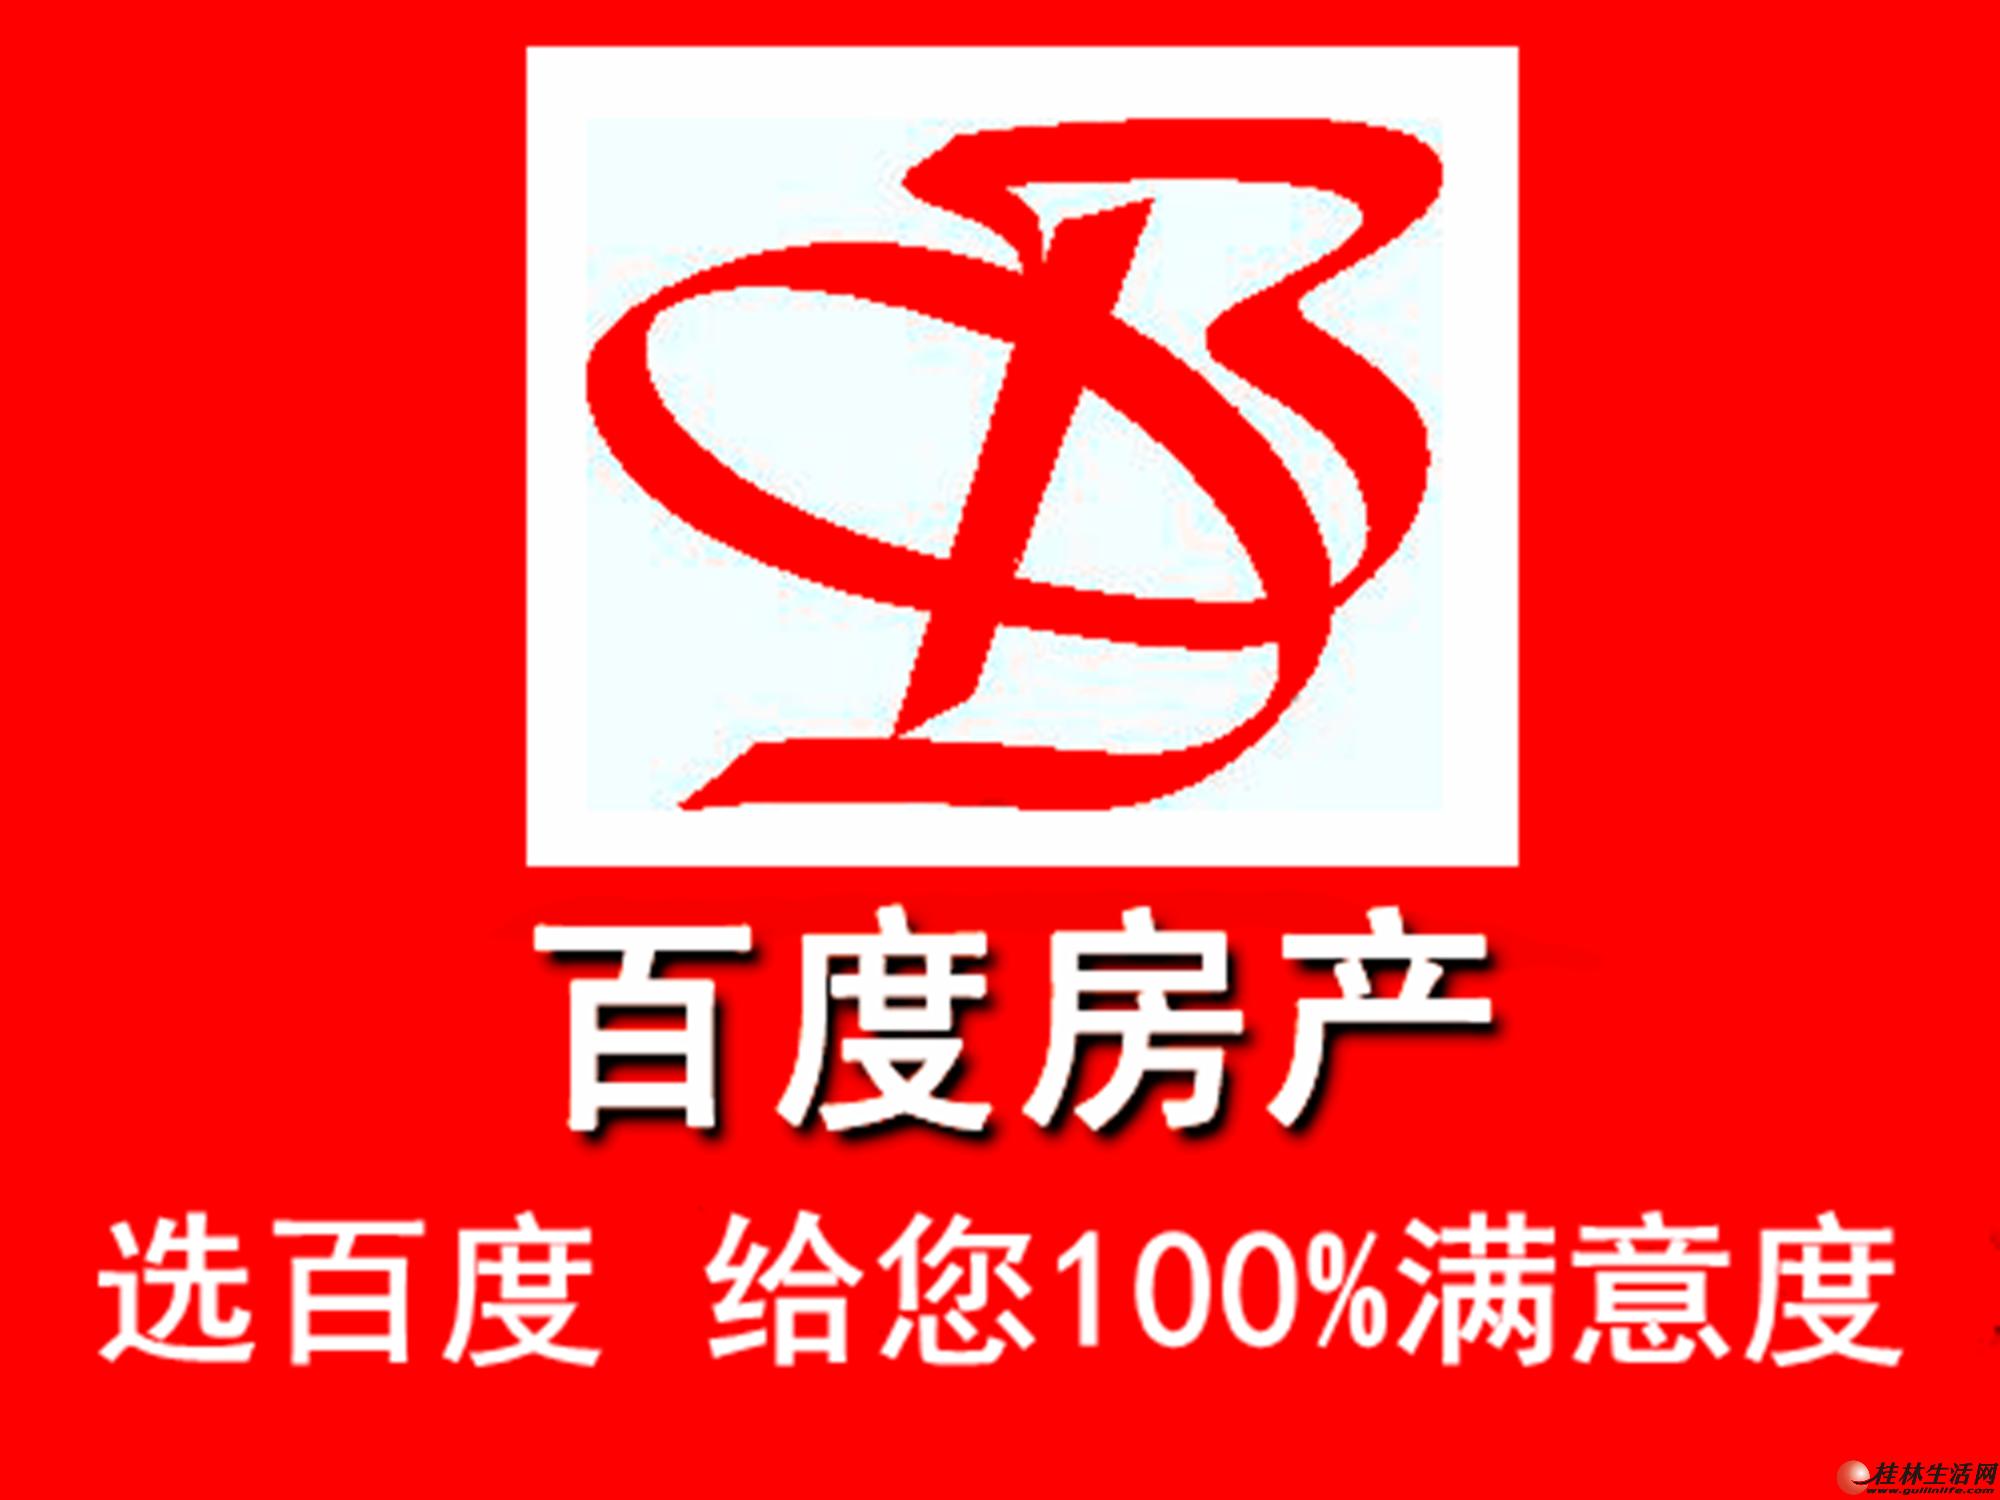 L芦笛菜市旁 芦笛小学门口 28㎡ 租3500元 15年门面 成本价99万